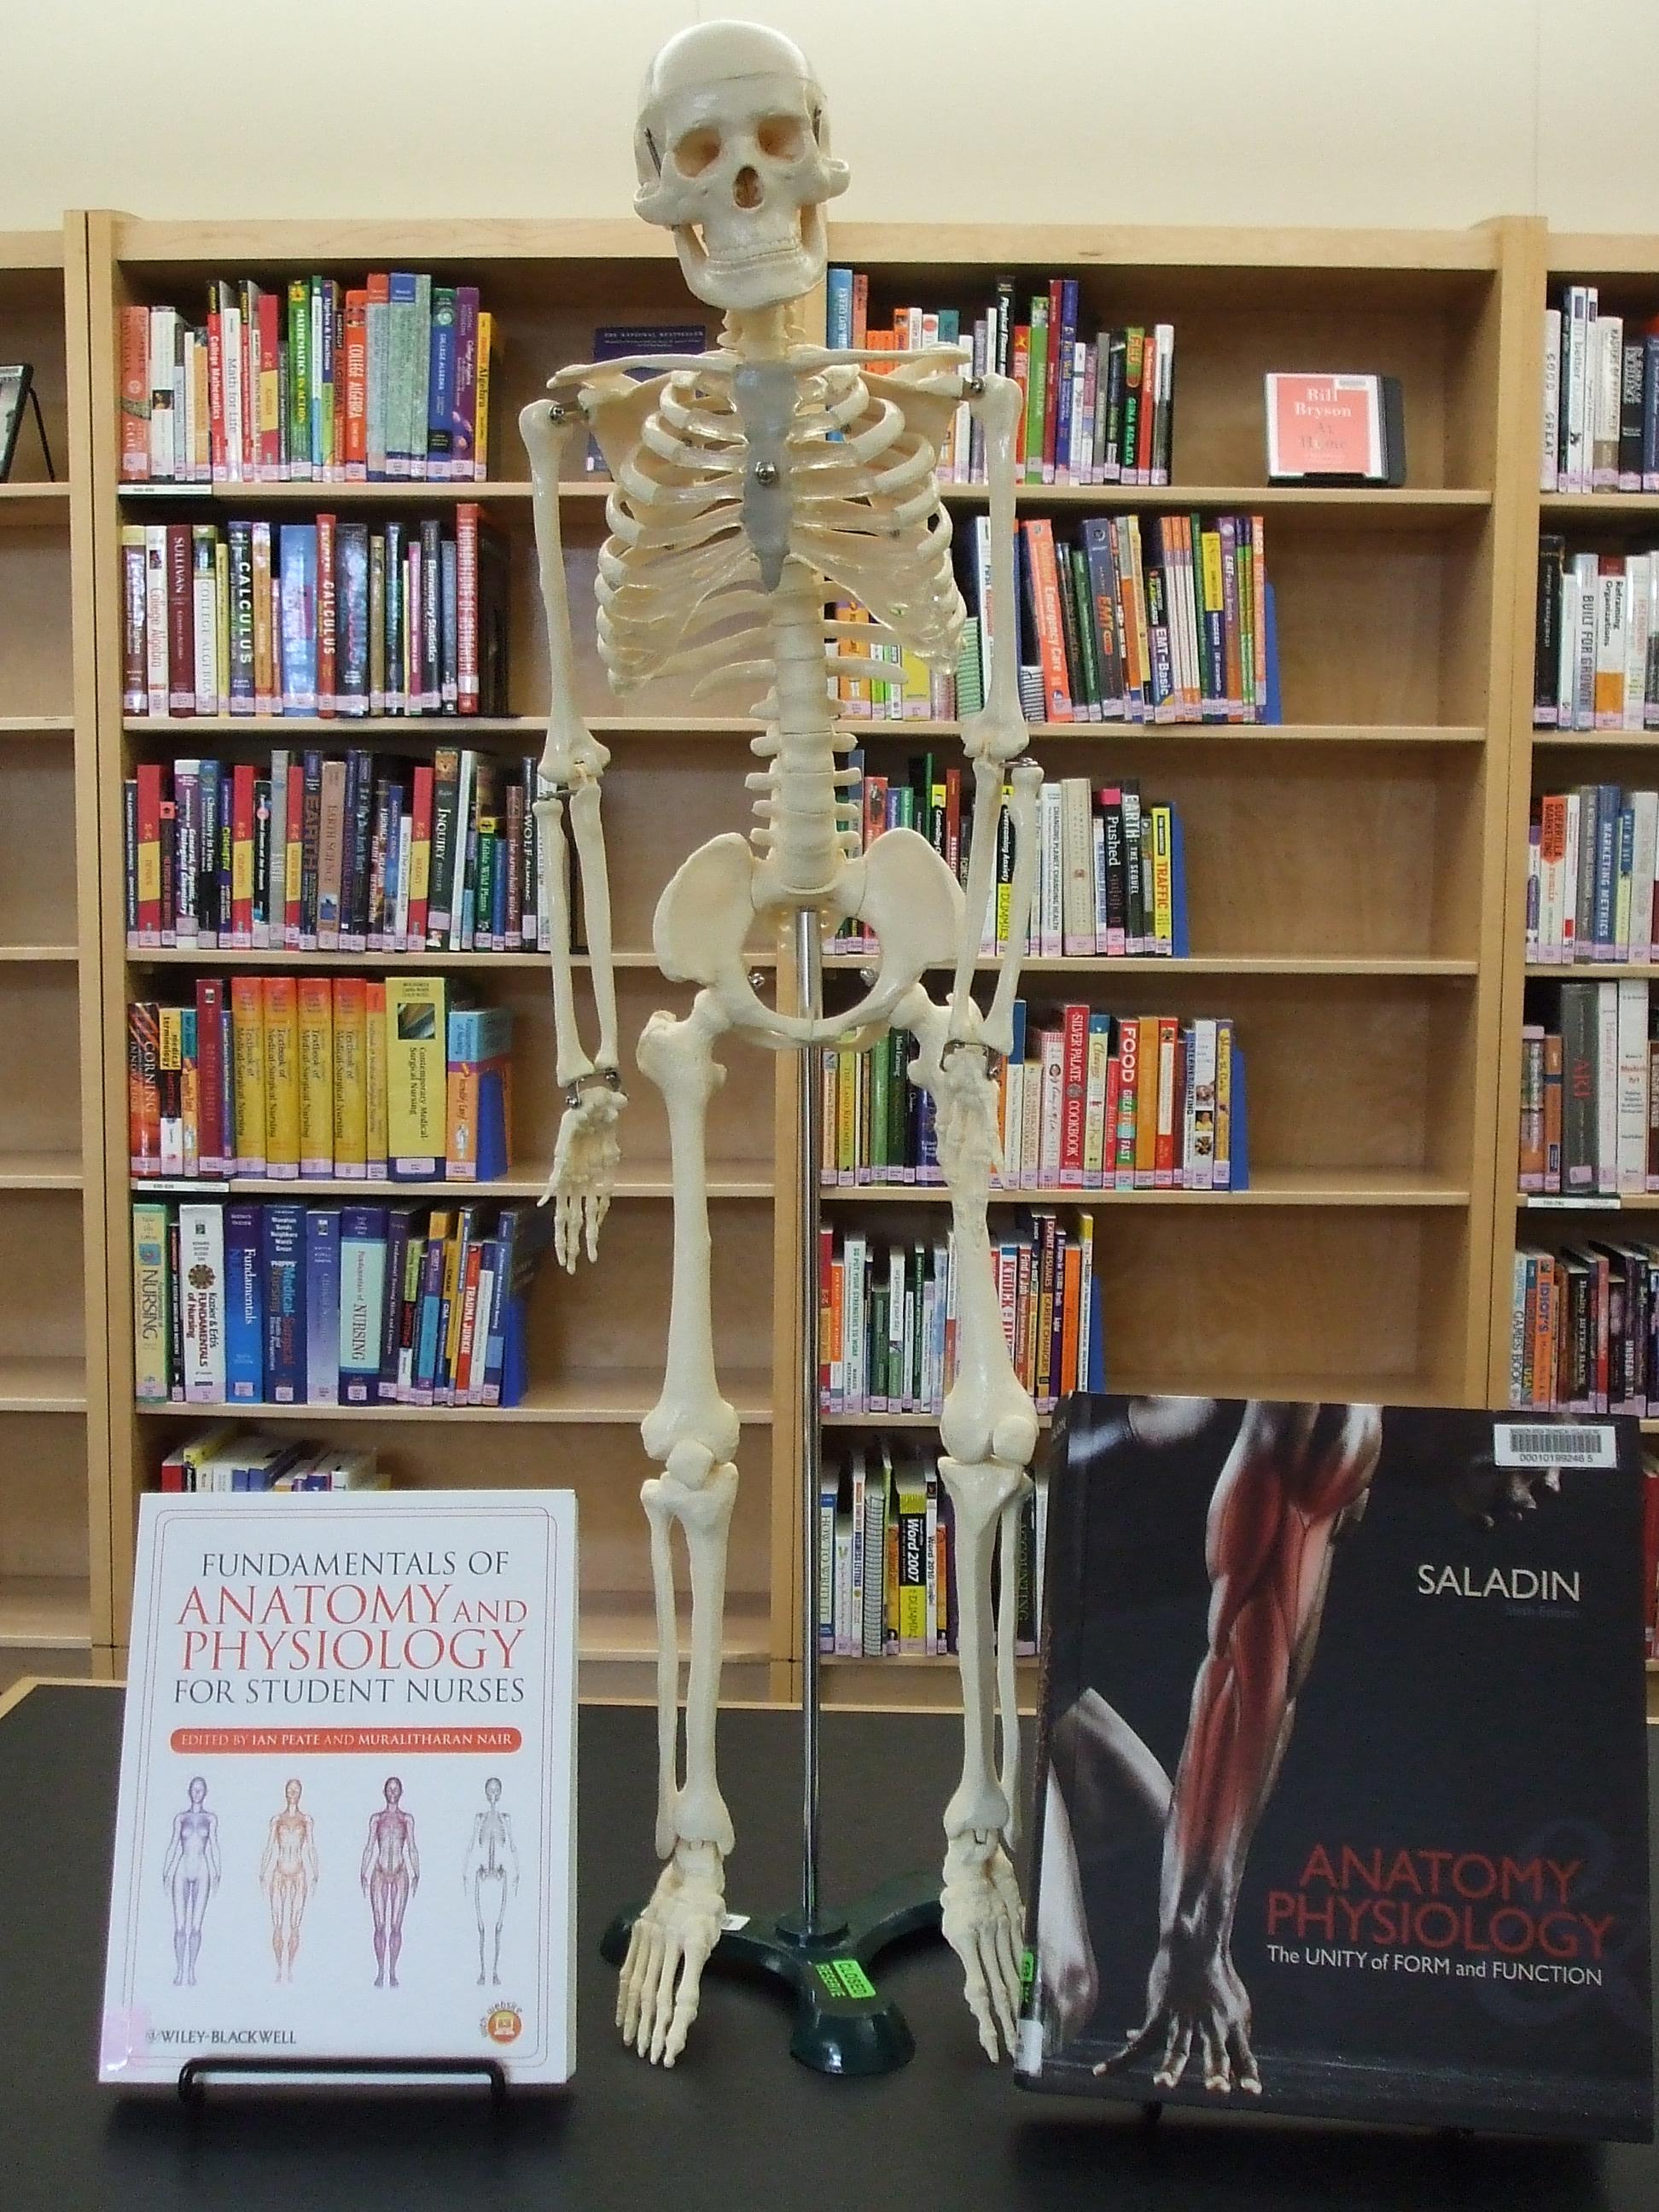 Model of skeleton in library